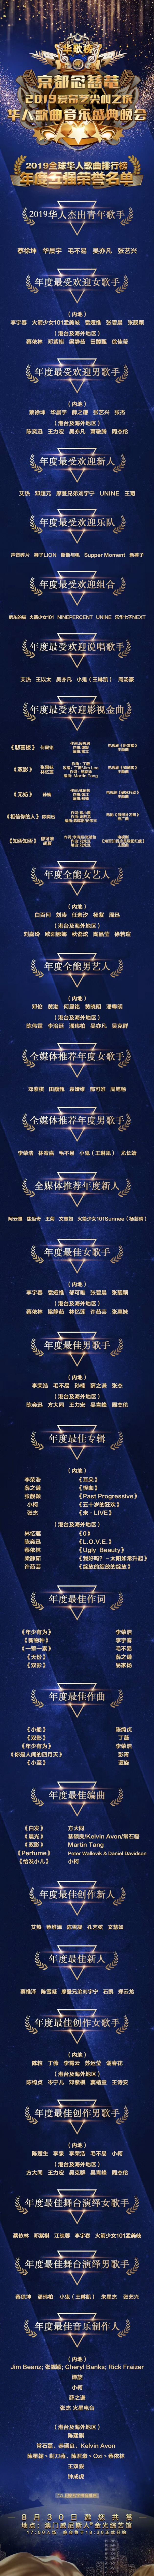 2019爱奇艺尖叫之夜华人歌曲音乐盛典即将来袭 近30